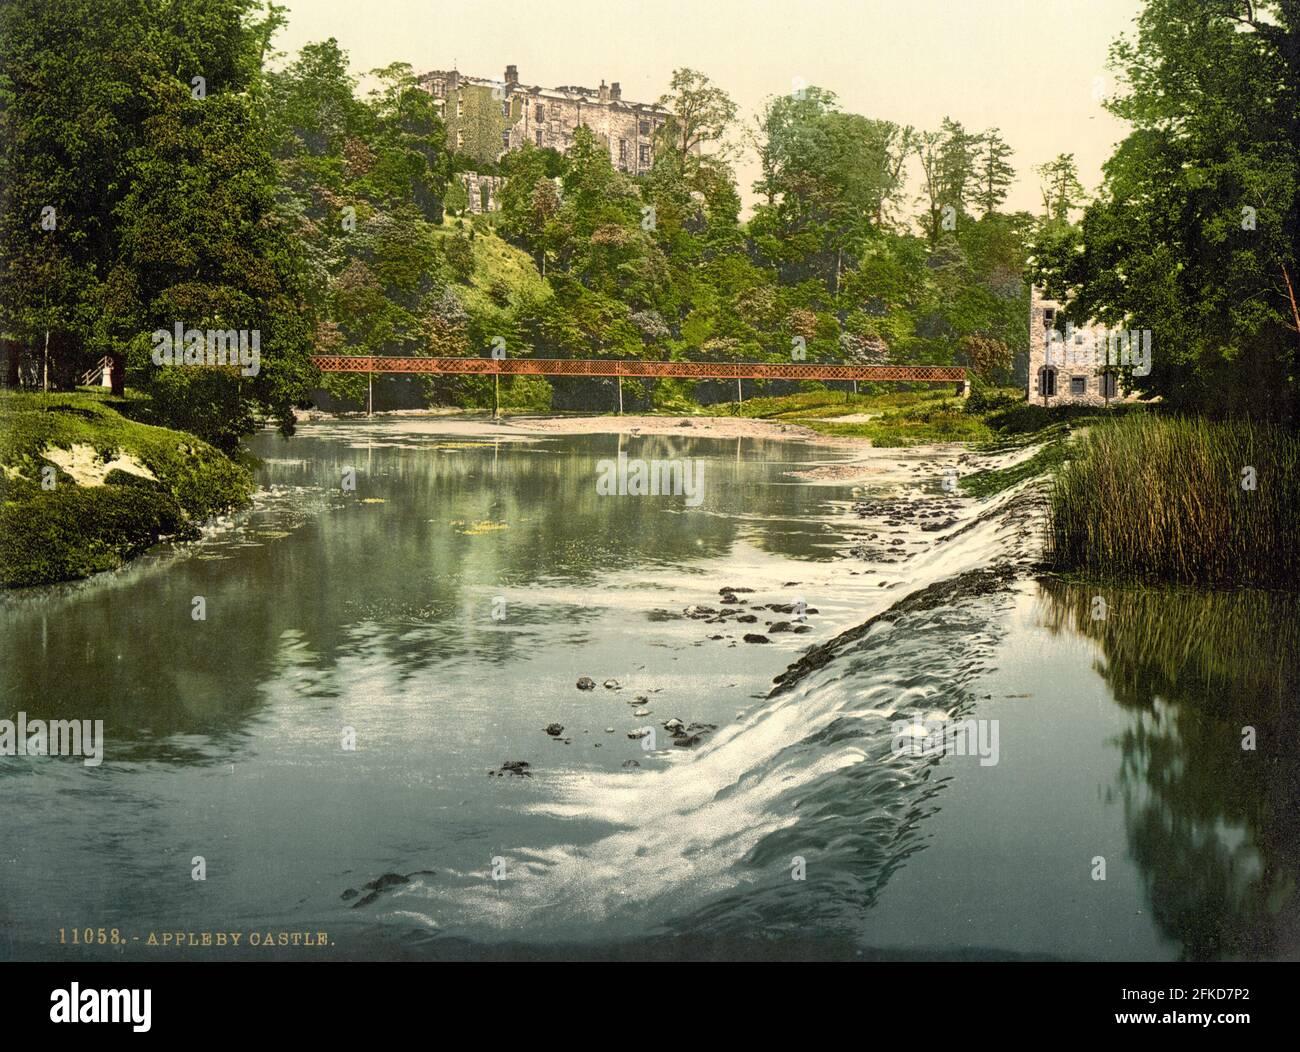 Le château d'Appleby et la rivière Eden dans le Lake District, Cumbria vers 1890-1900 Banque D'Images